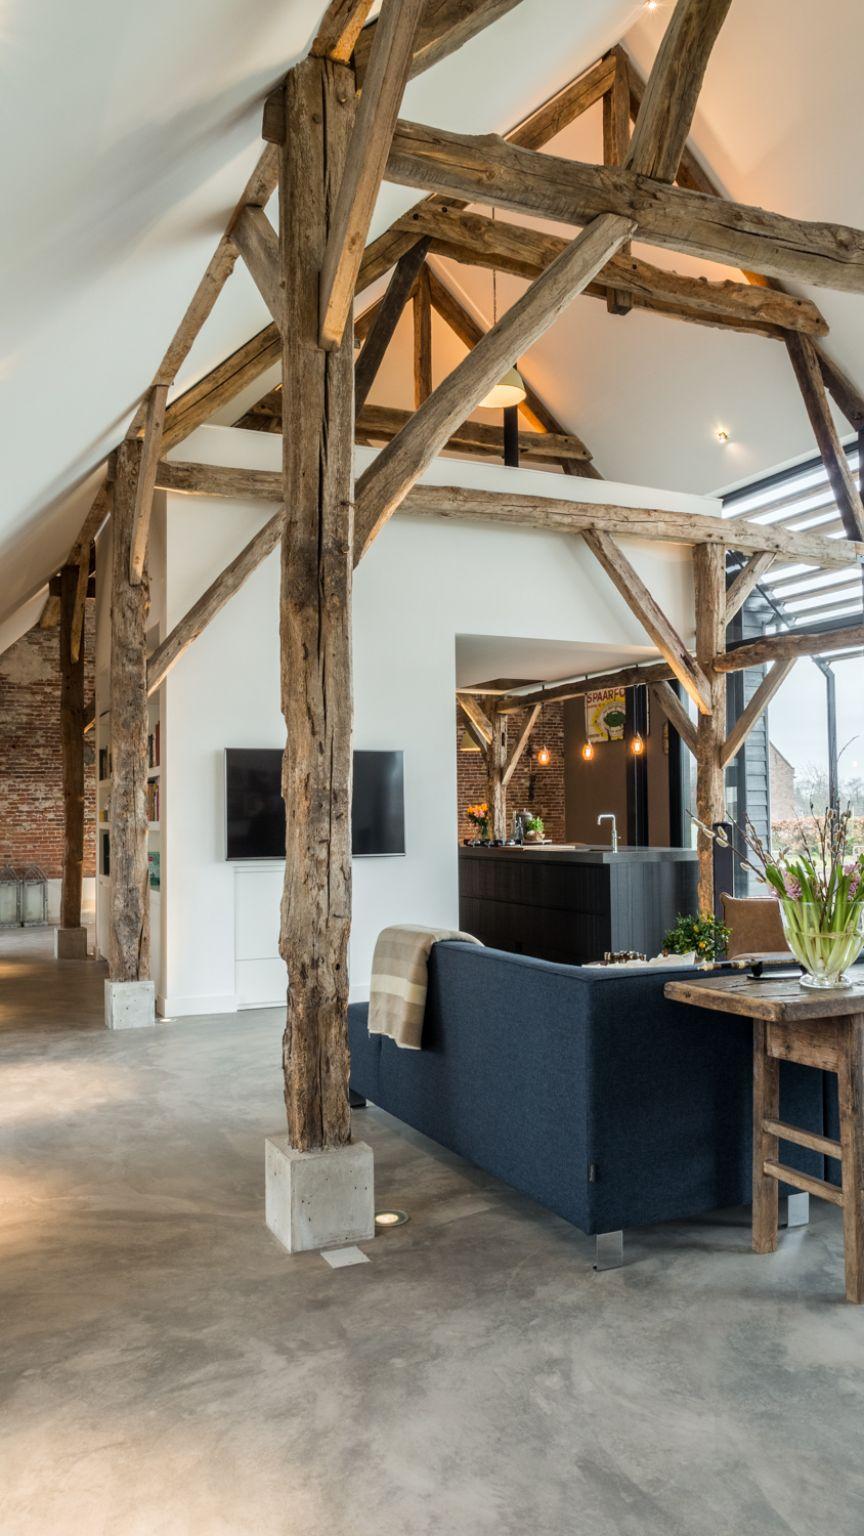 1572516857 883 old barn converted into a modern farmhouse with an authentic design - Old Barn Converted Into A Modern Farmhouse With An Authentic Design